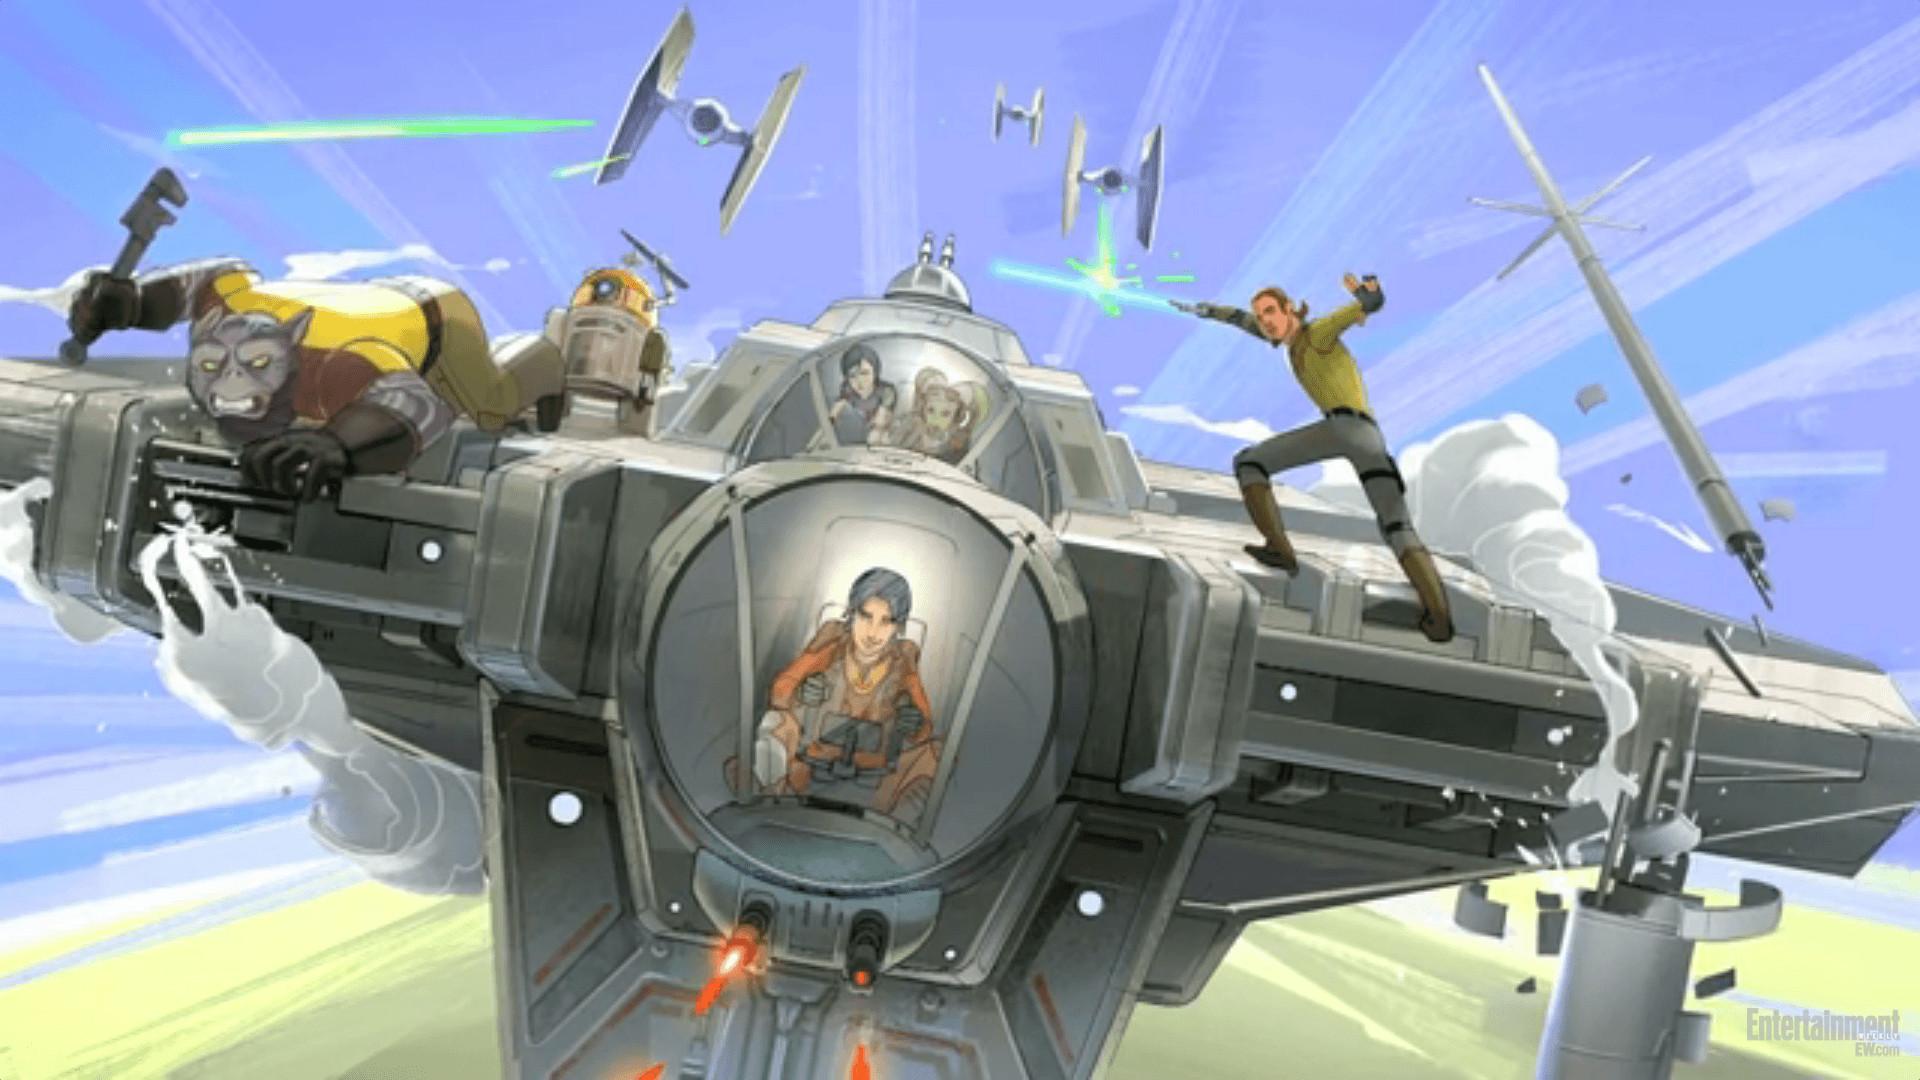 Star Wars Rebels Wallpaper – WallpaperSafari